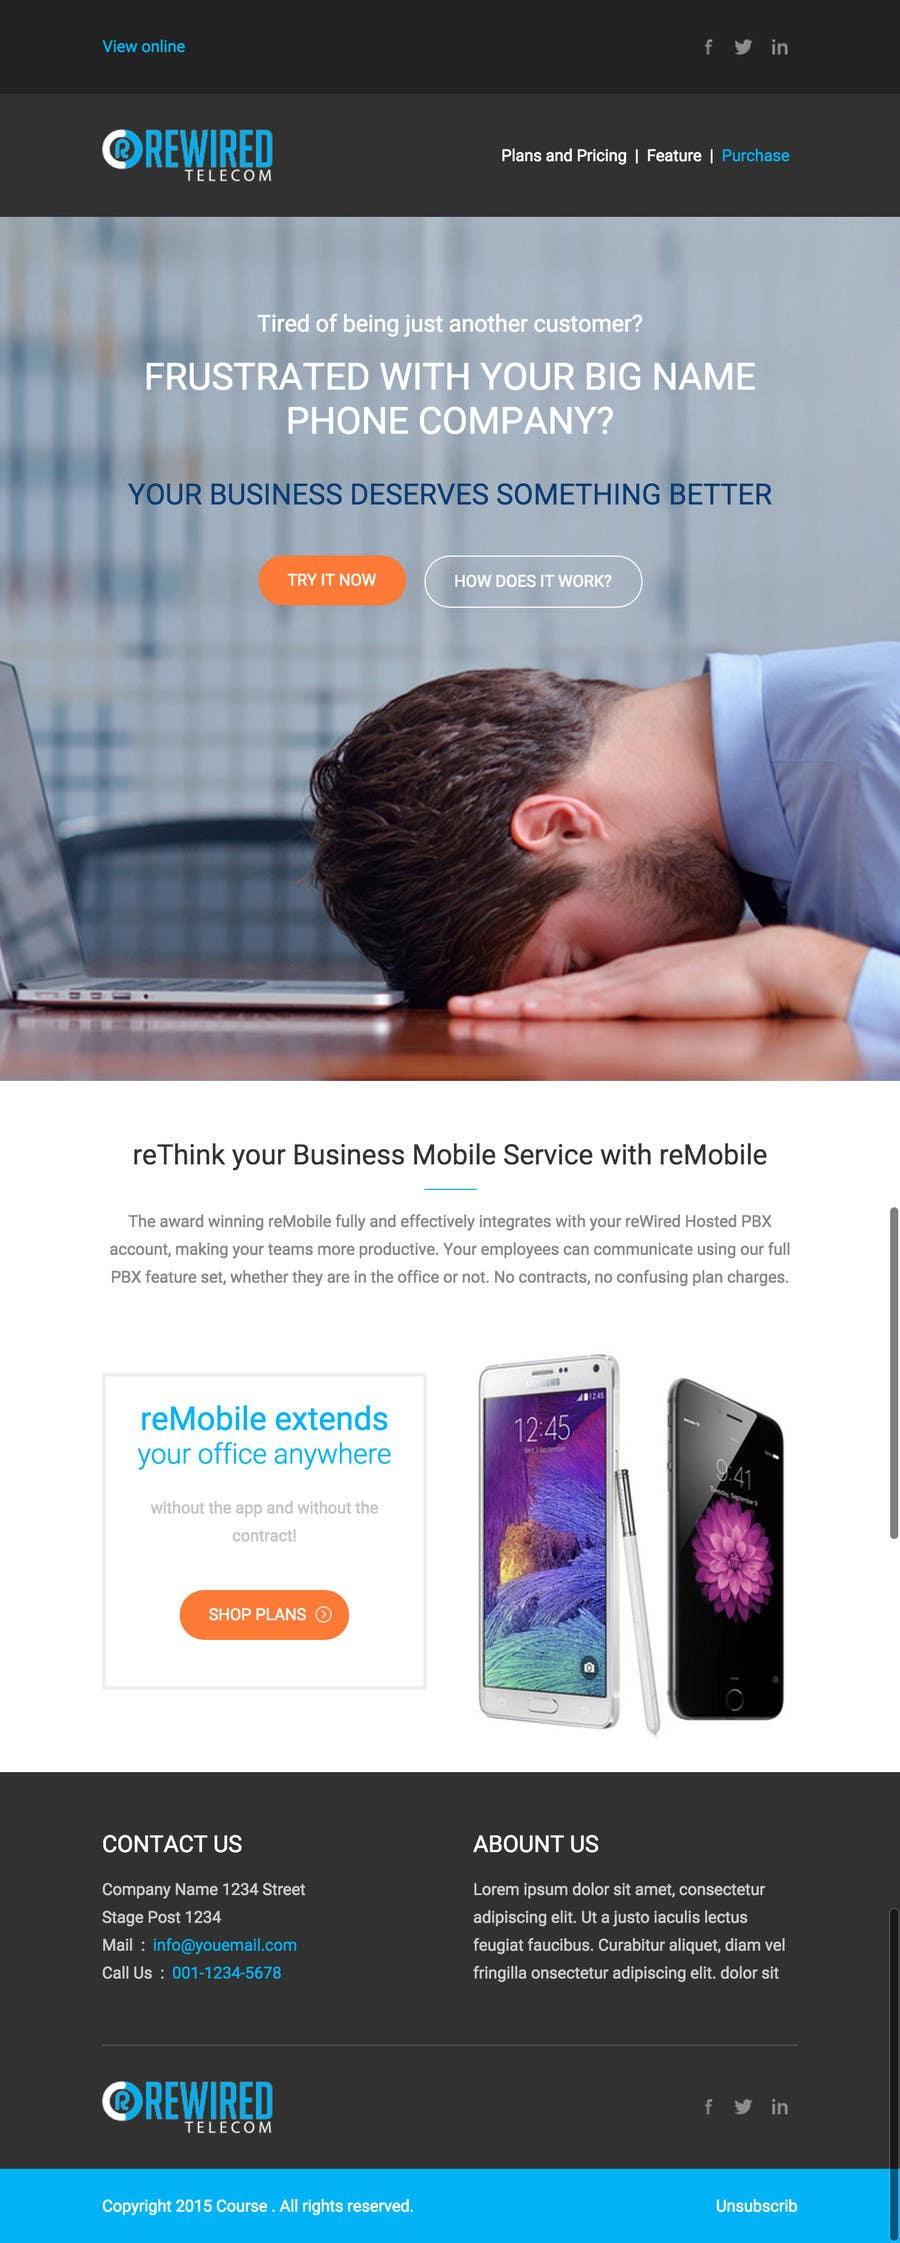 Penyertaan Peraduan #5 untuk Design a marketing email for our campaign